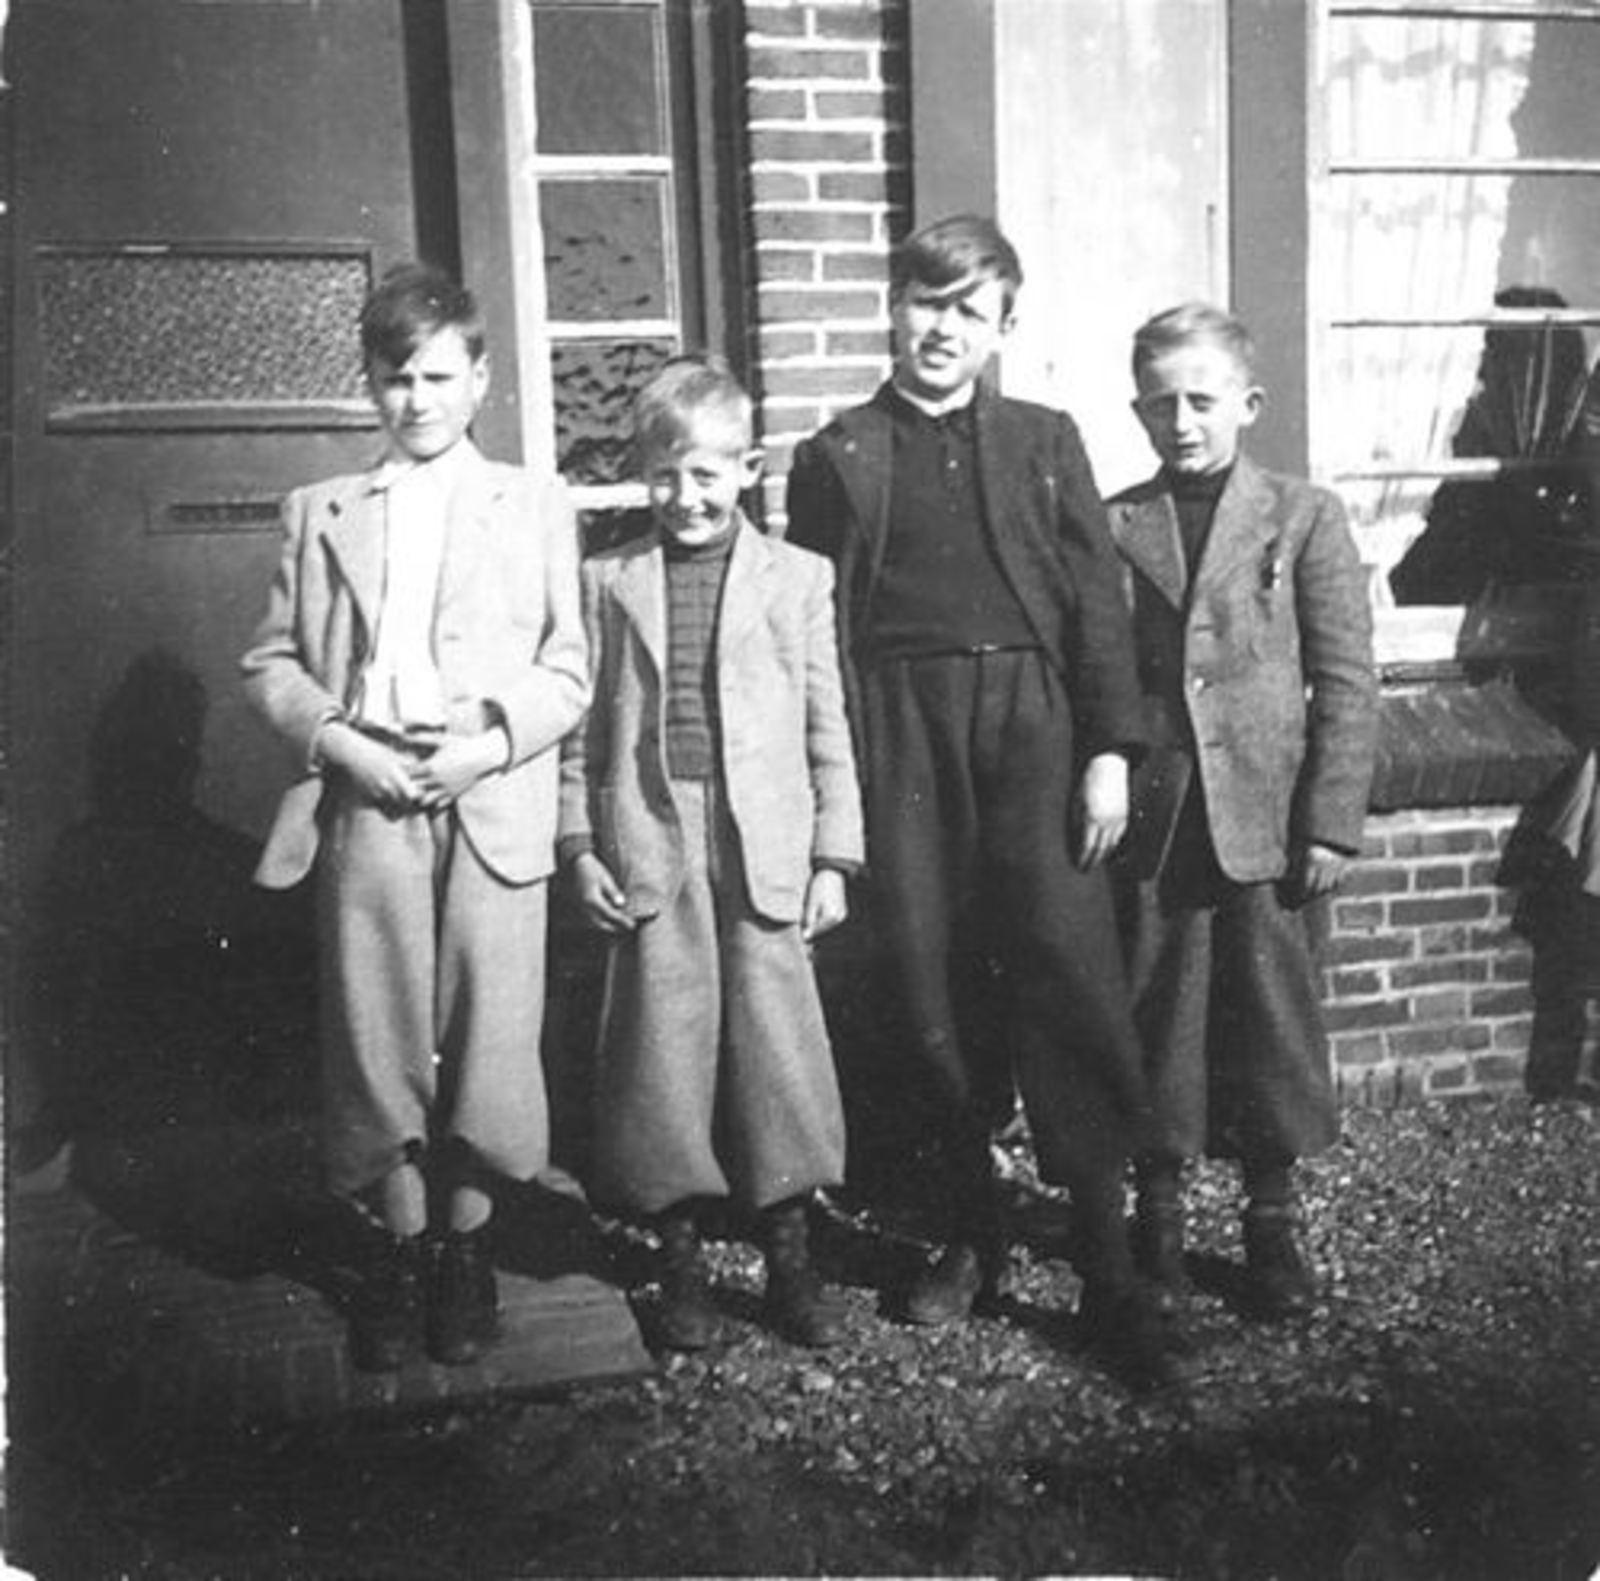 Koeckhoven Cor 1939 1948 met broer Jan en gebr Huijsmans